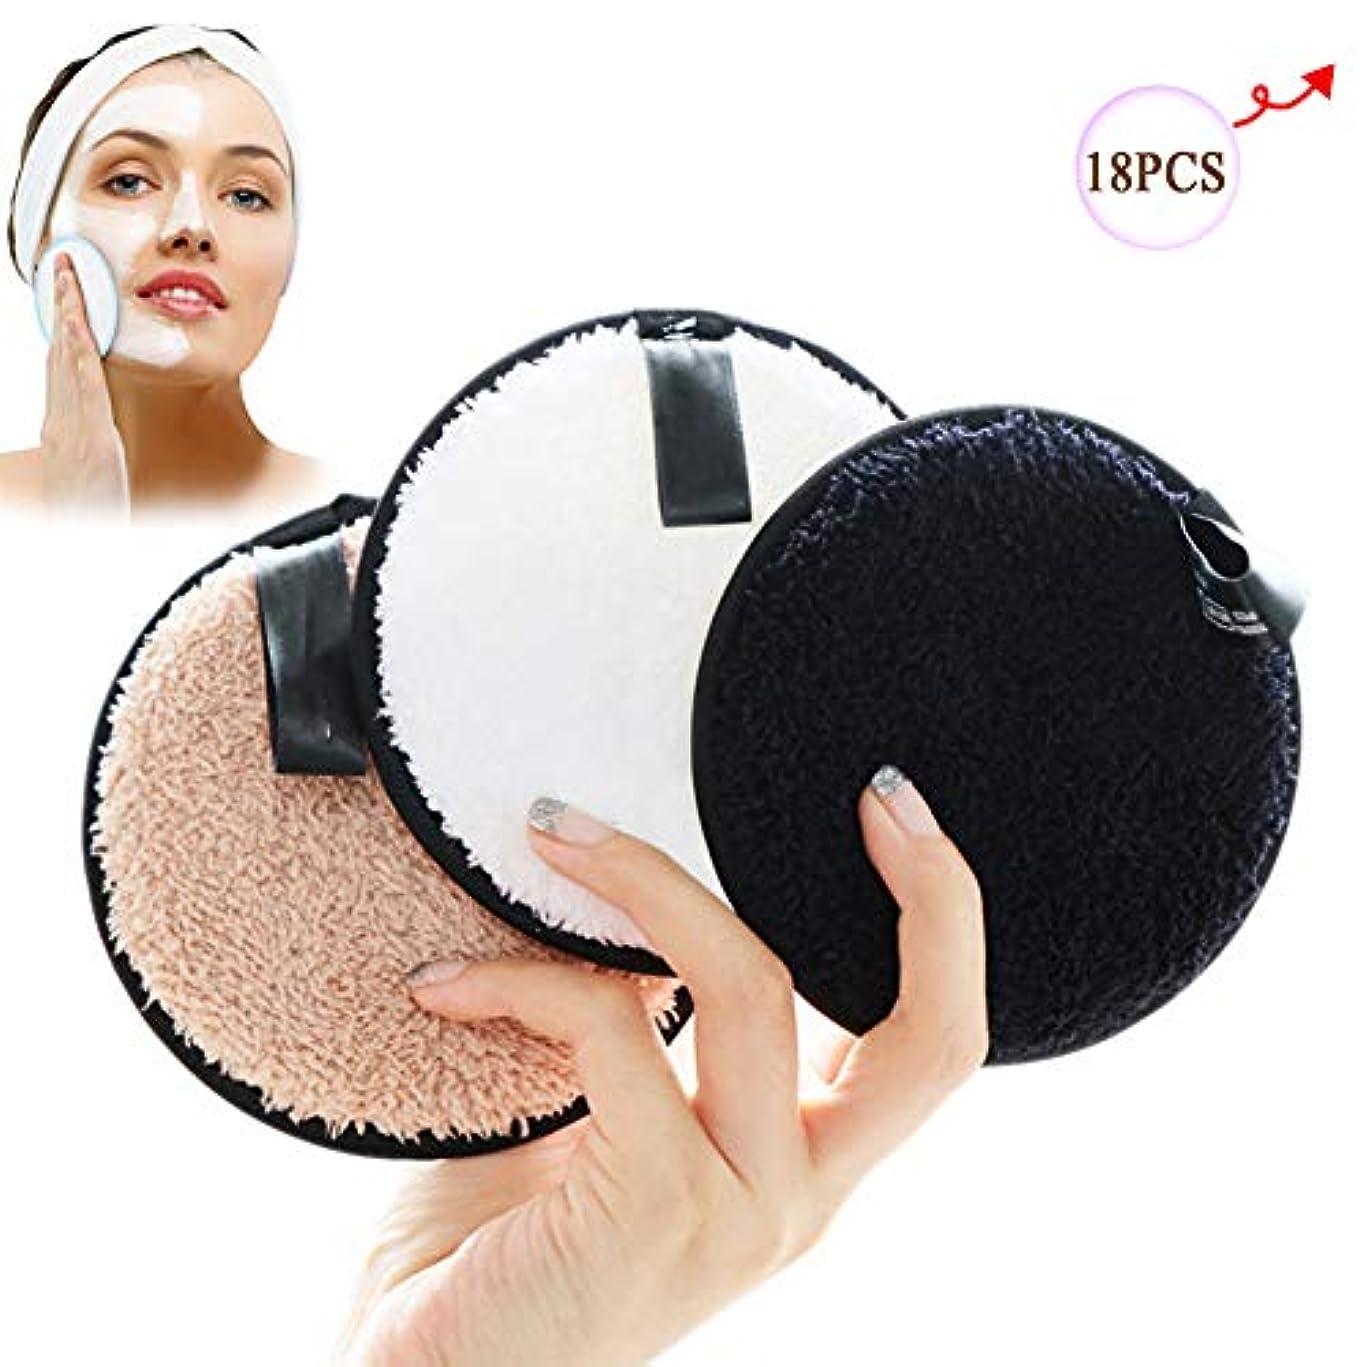 チャートチェス料理をする除去剤のパッド、女性の表面/目/唇のための再使用可能な清潔になる綿繊維の構造の除去剤のワイプ,18PCS